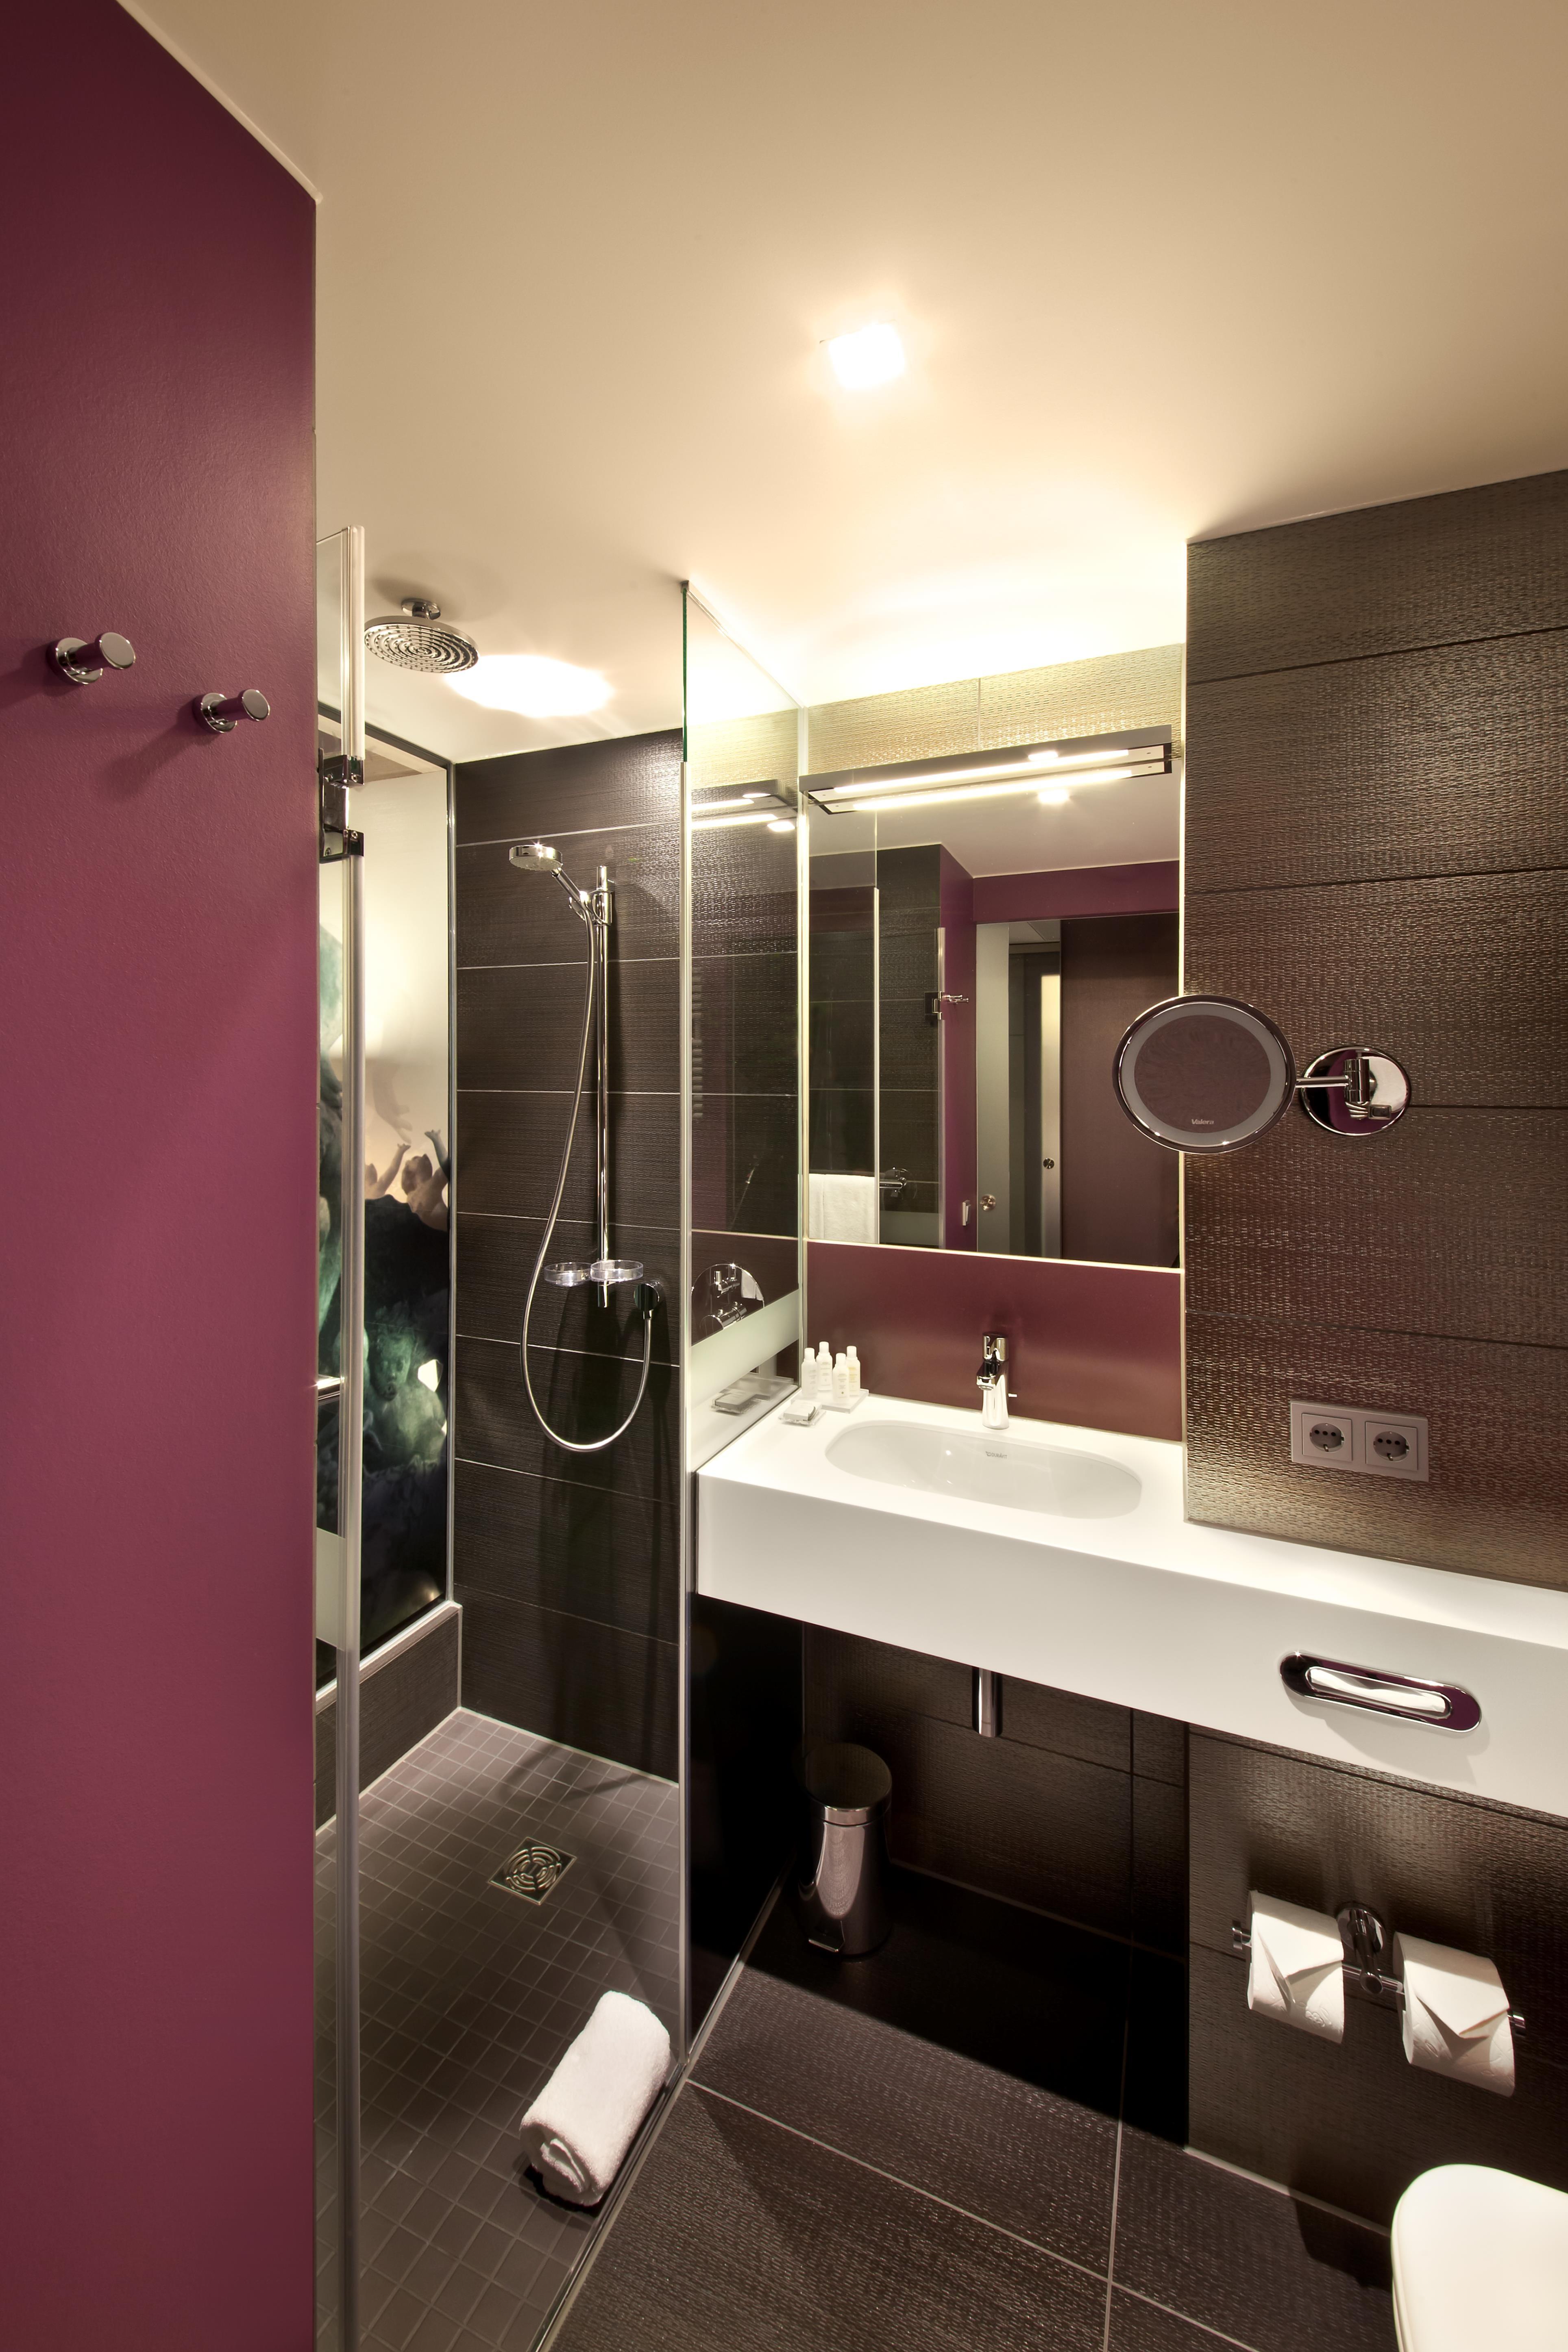 Stock Zuhause Zimmer Beleuchtung Wohnung Innenarchitektur Badezimmer  Entwurf Hotel Berlin Suite Alexanderplatz Sanitärarmatur